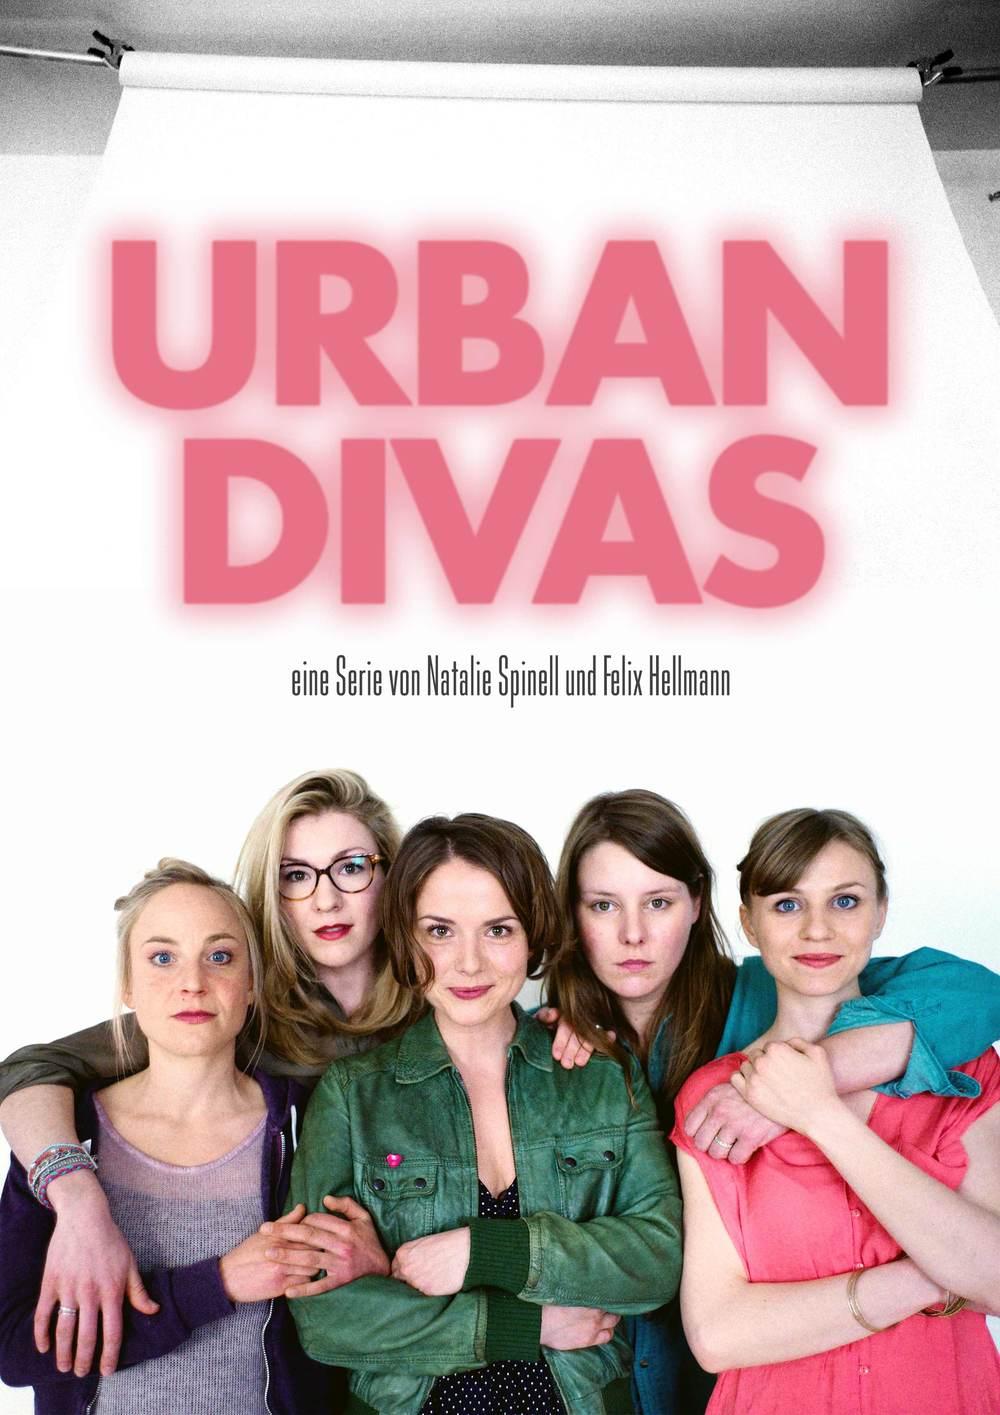 Ulrike-Kriener-Urban-Divas